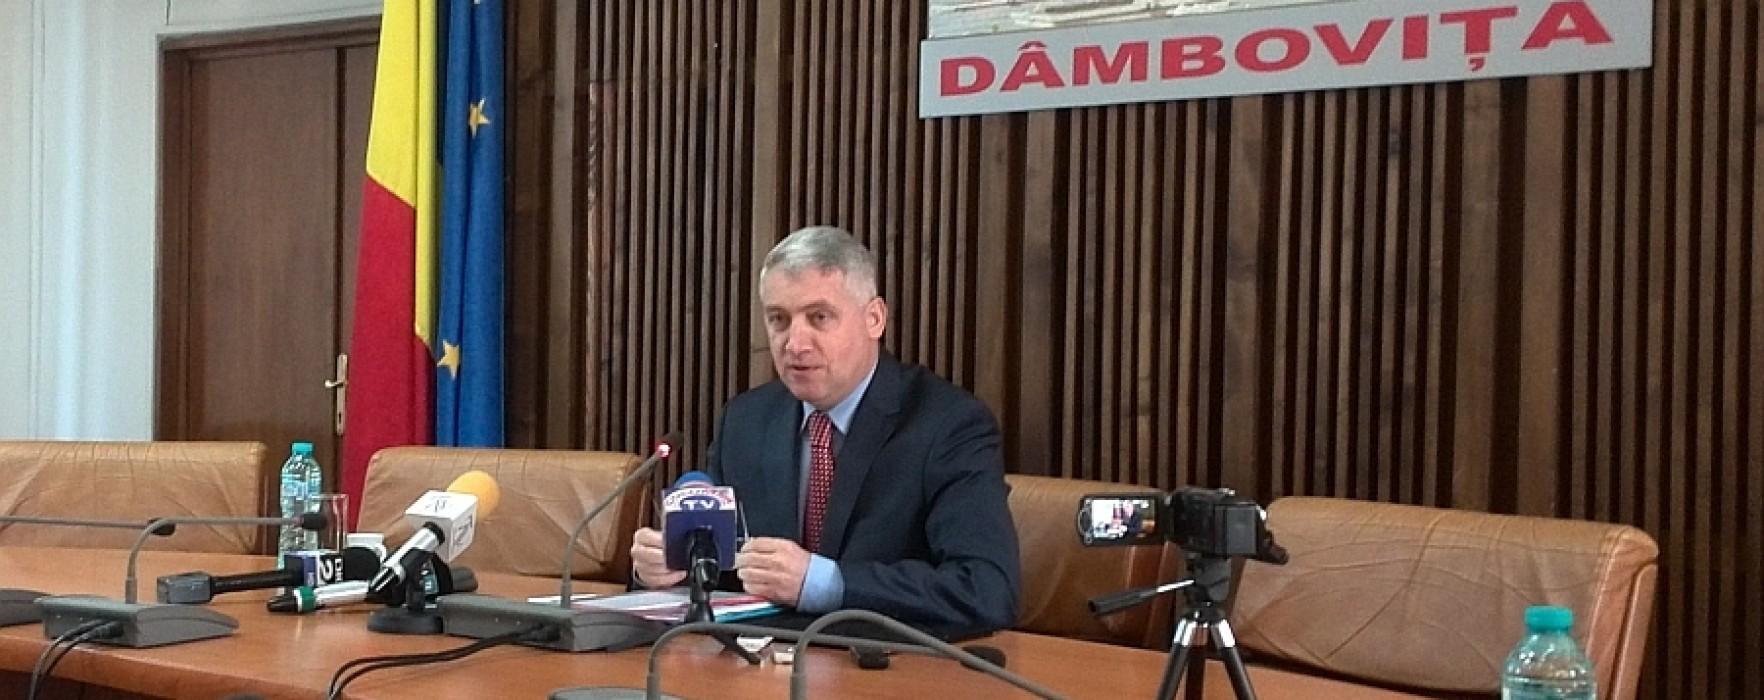 Adrian Ţuţuianu: Nu am văzut atâta incompetenţă ca la CJ Dâmboviţa nicăieri unde am lucrat (audio)